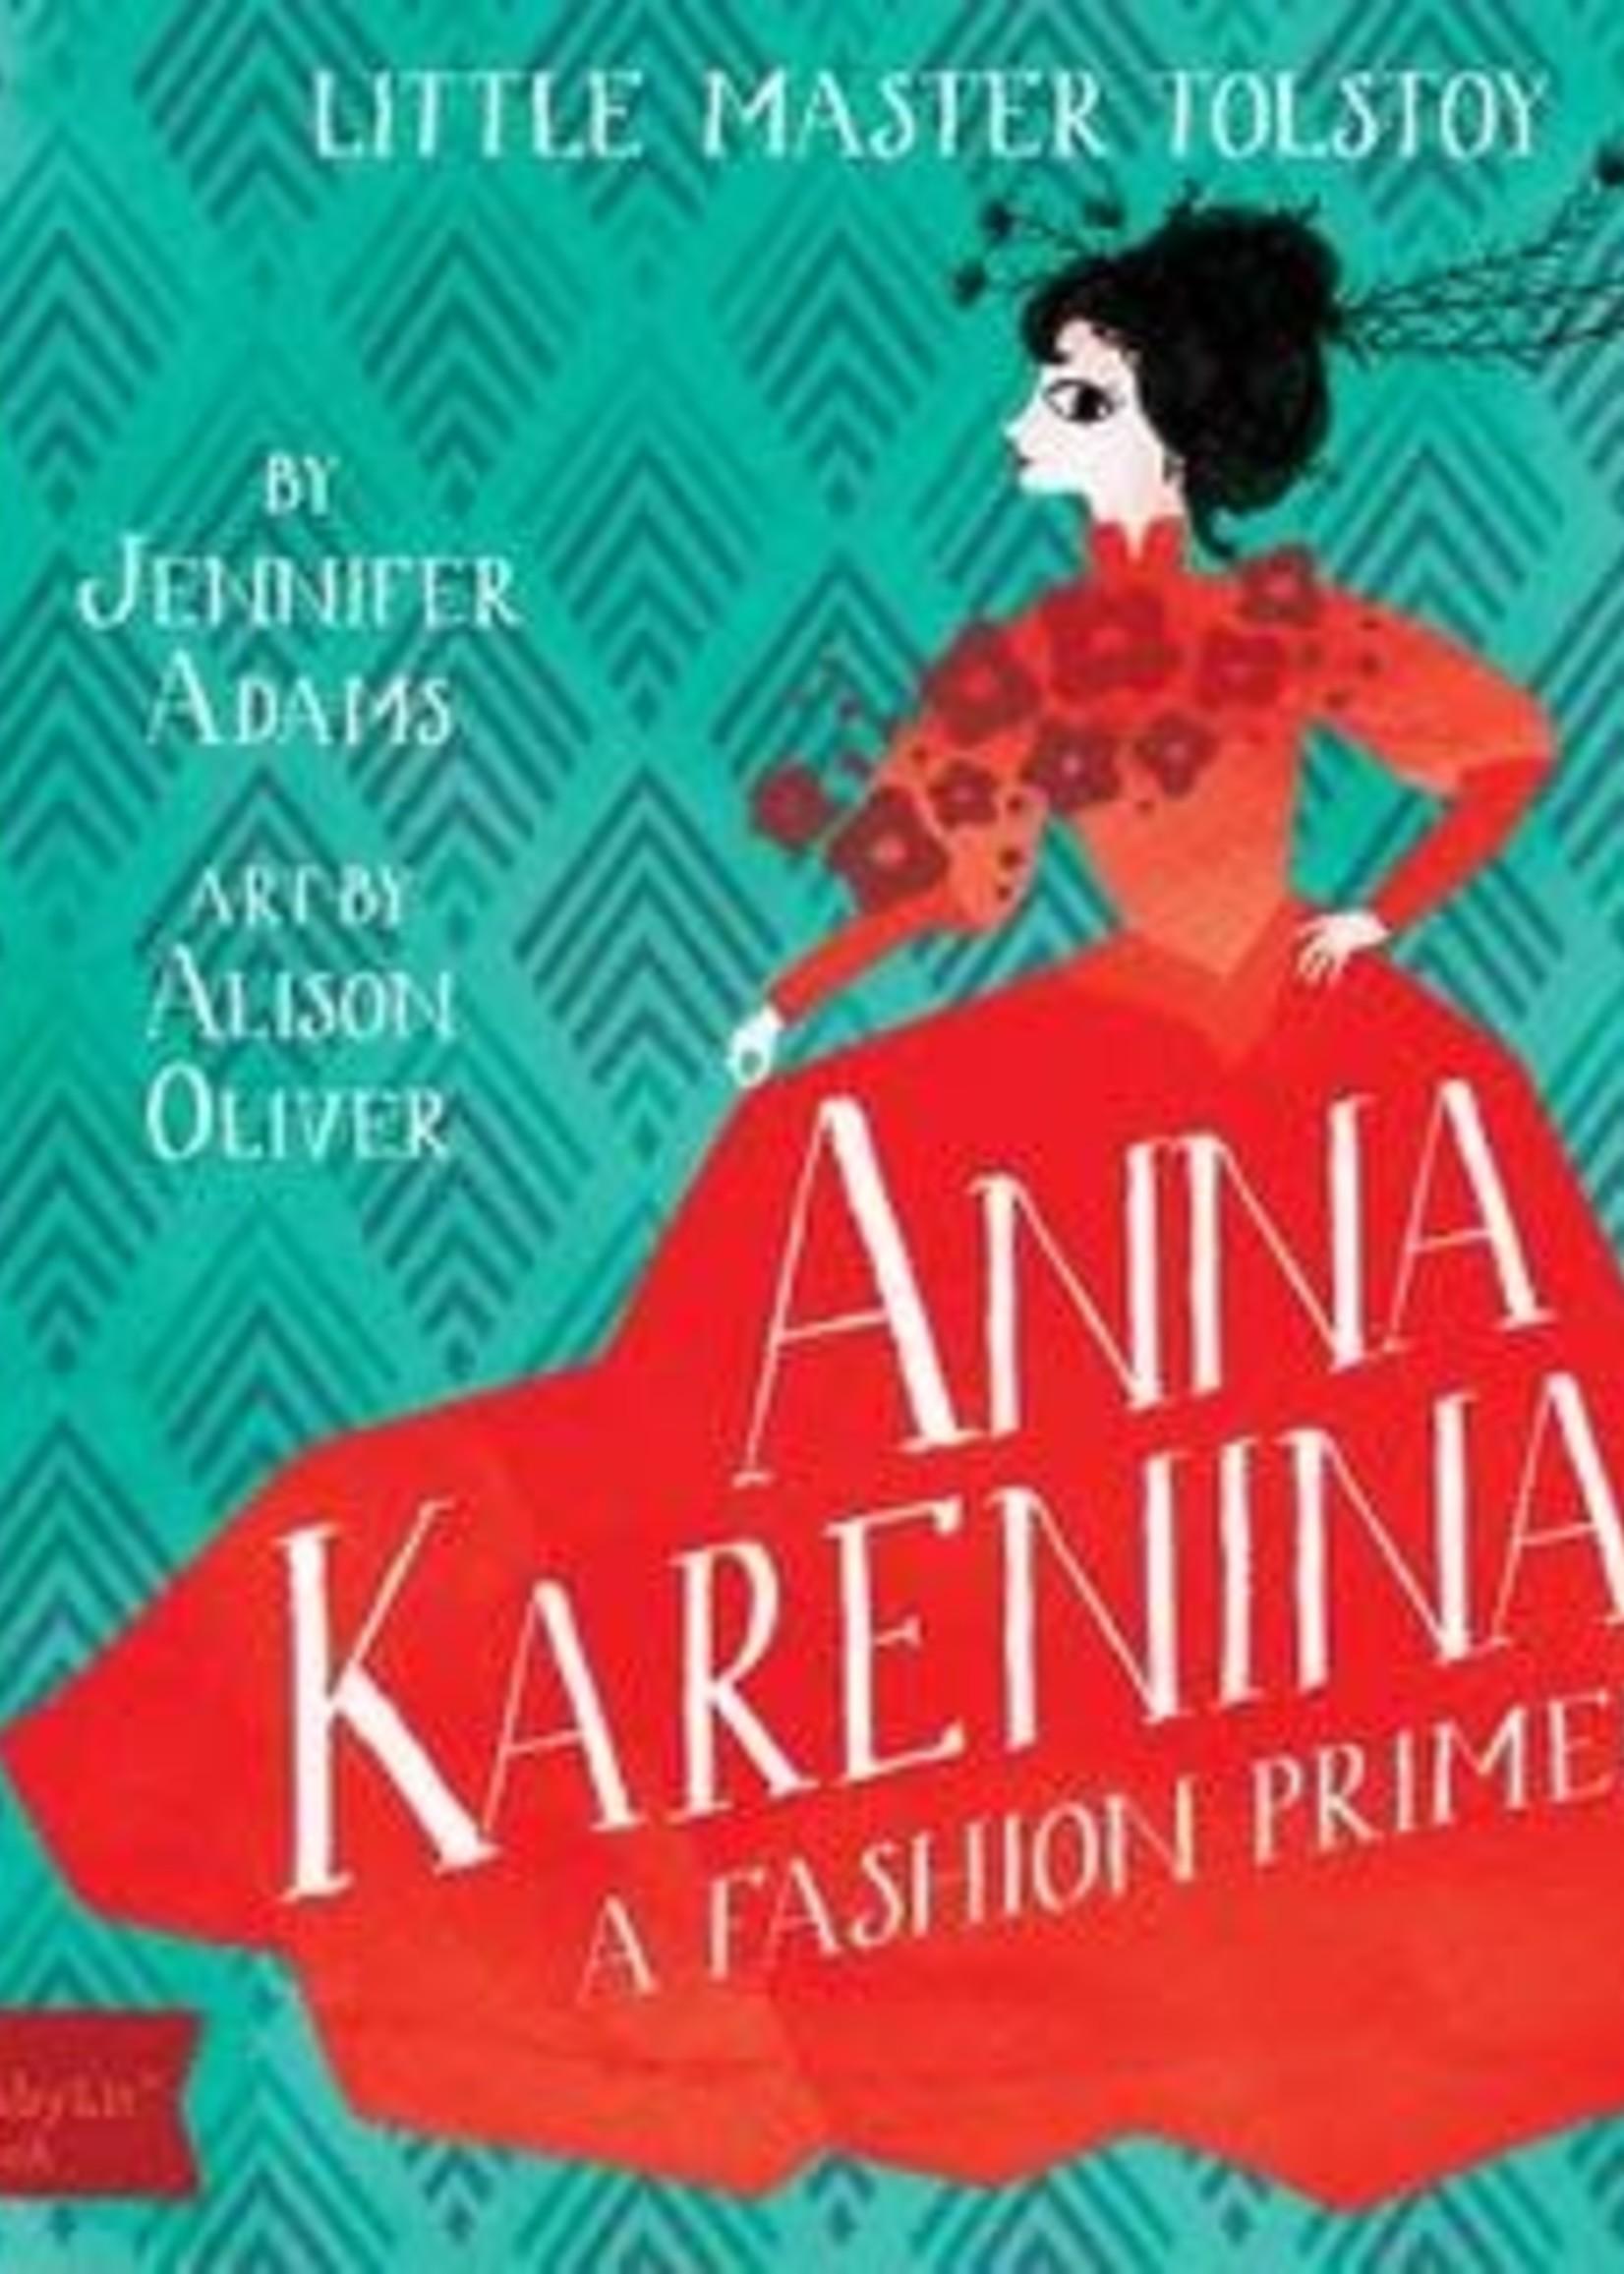 Anna Karenina: A BabyLit® Fashion Primer by Jennifer Adams,  Alison Oliver